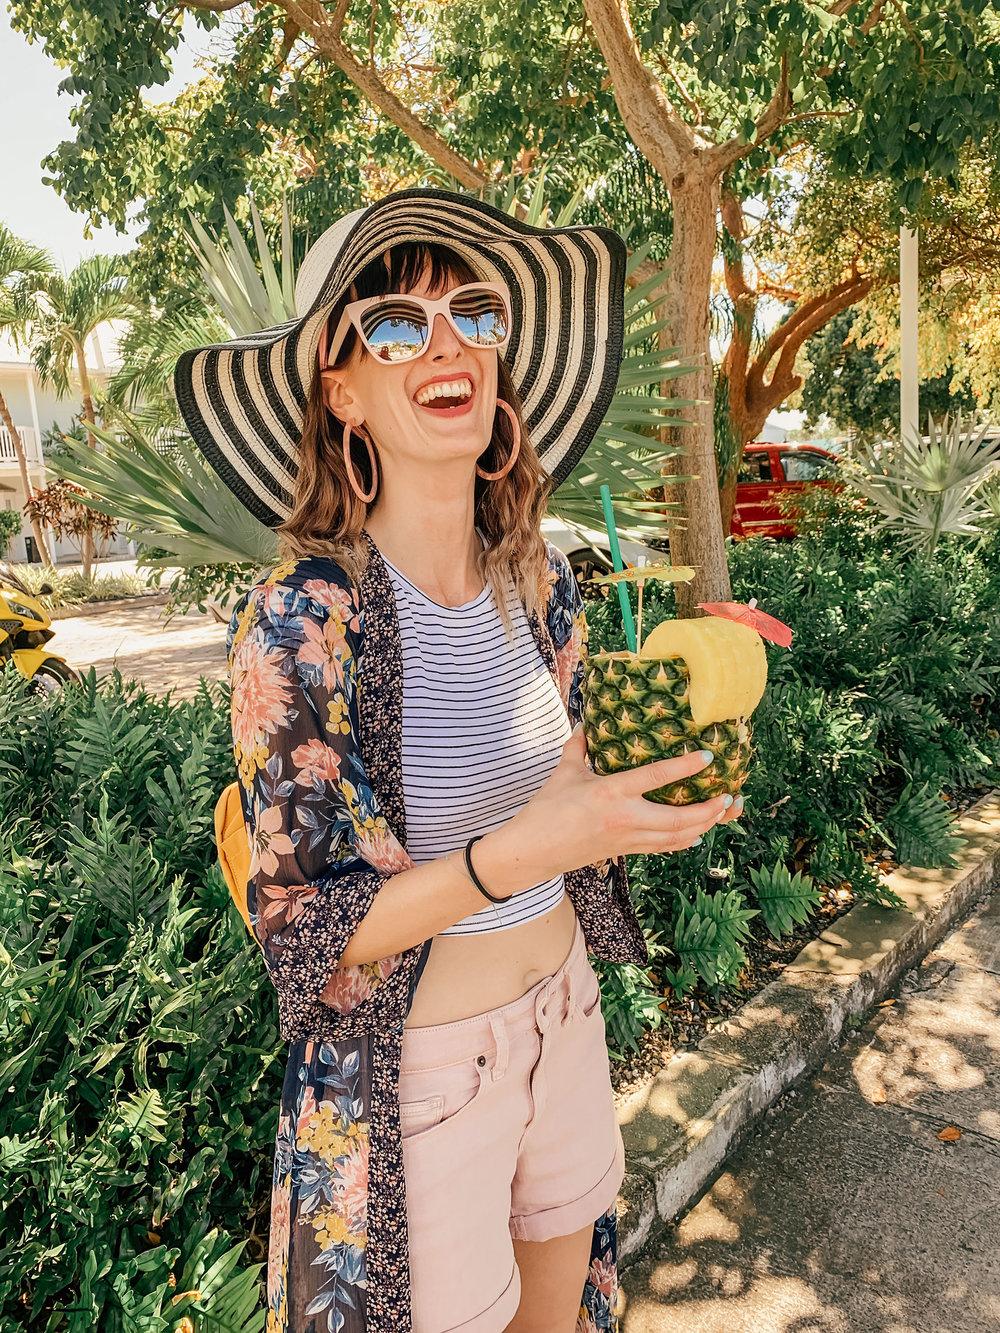 galavantgal_pineapple.jpg